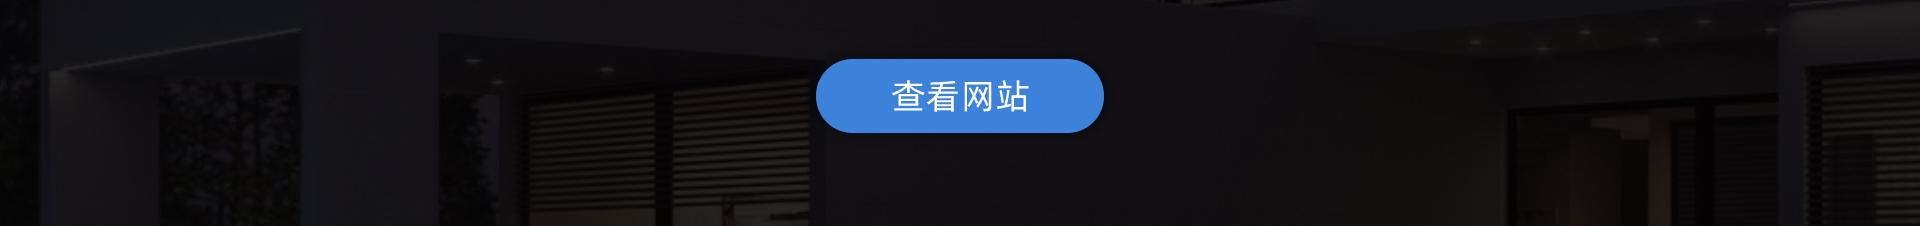 河北-邱晓彬-邱晓彬——旗舰版-烟具_02